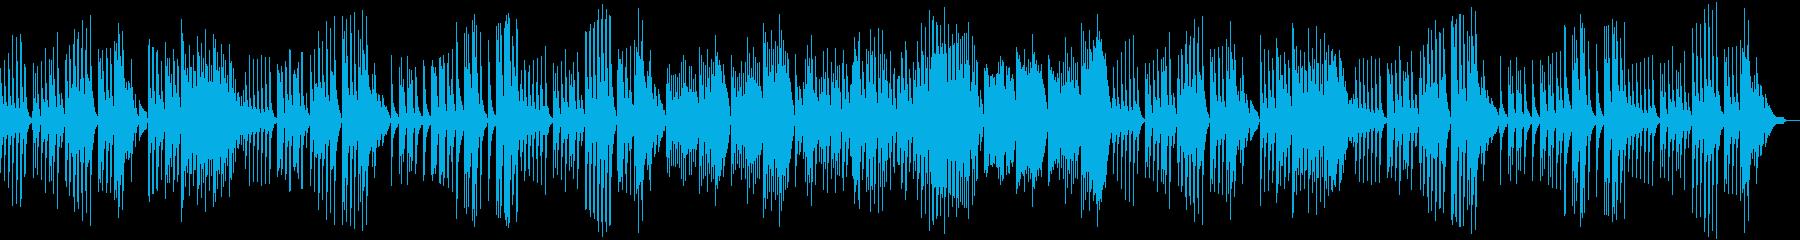 ガヴォット/グリーグ【しっとりピアノ版】の再生済みの波形